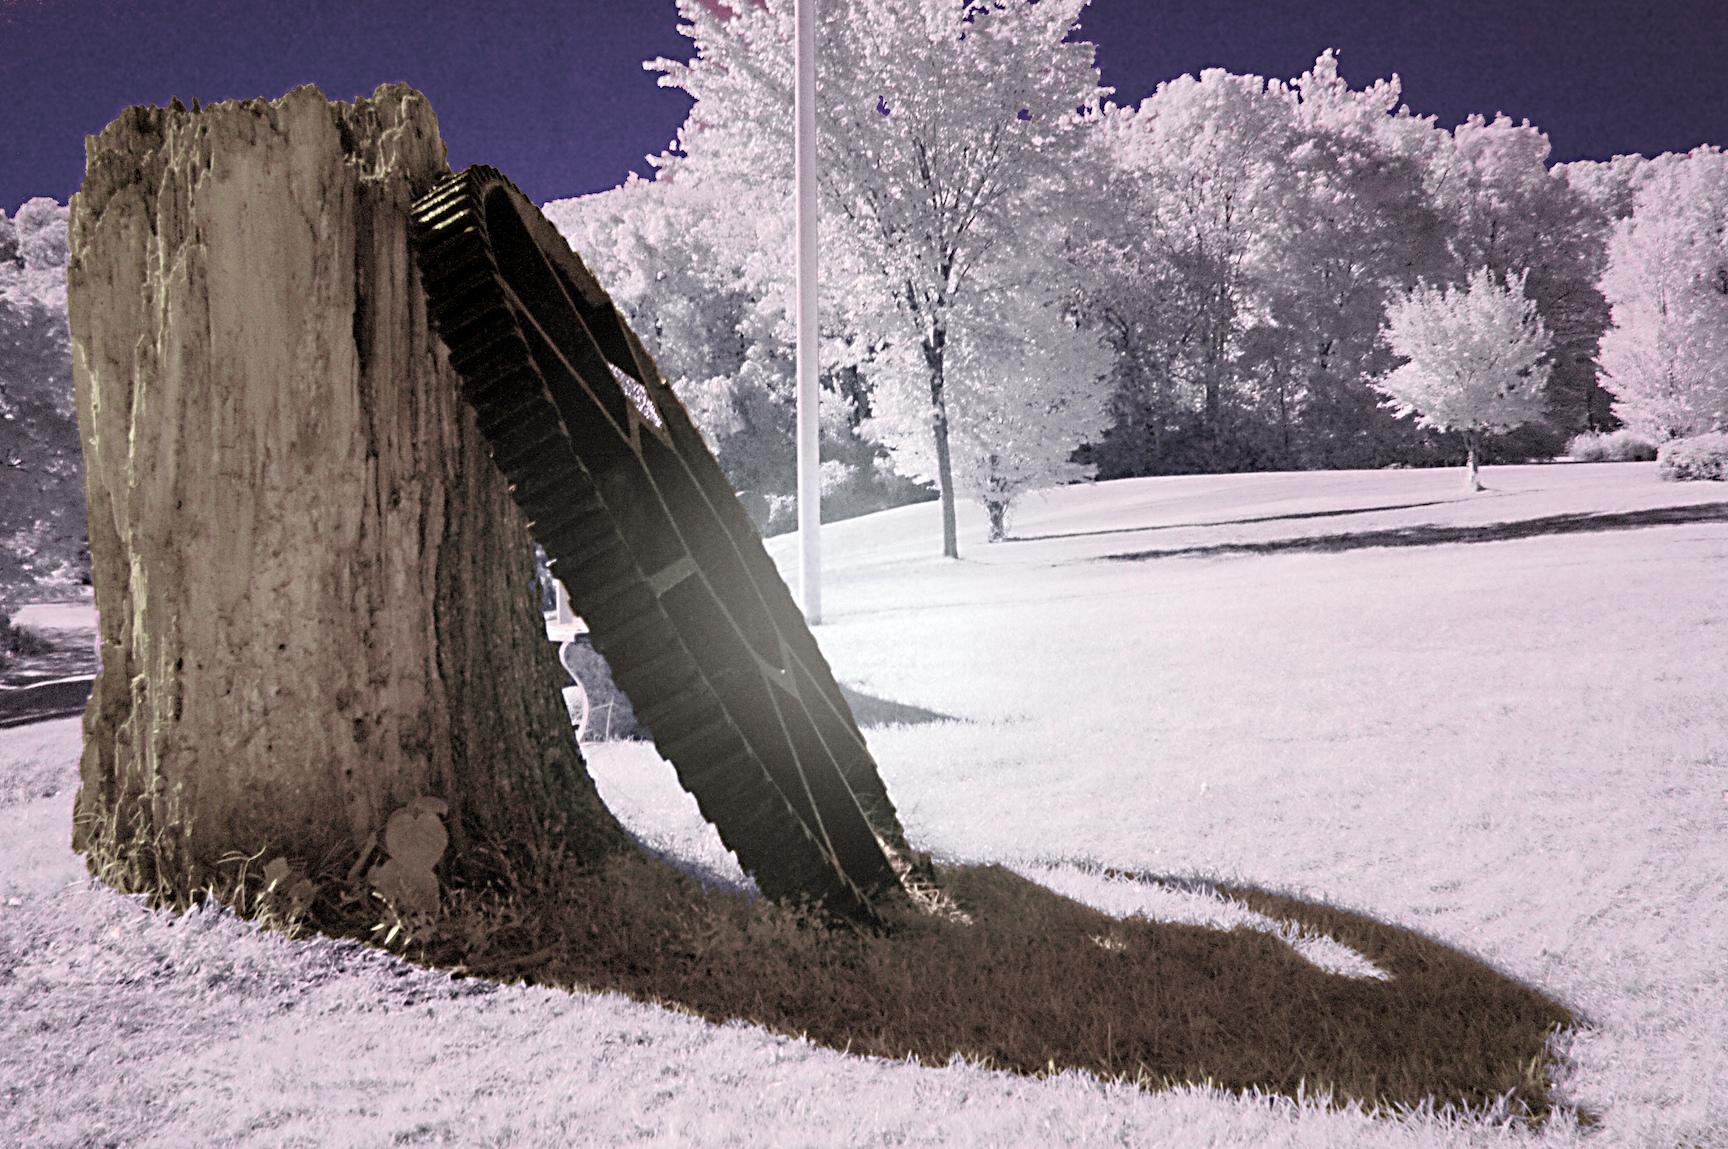 Fallen Wheel - Ringwood Manor